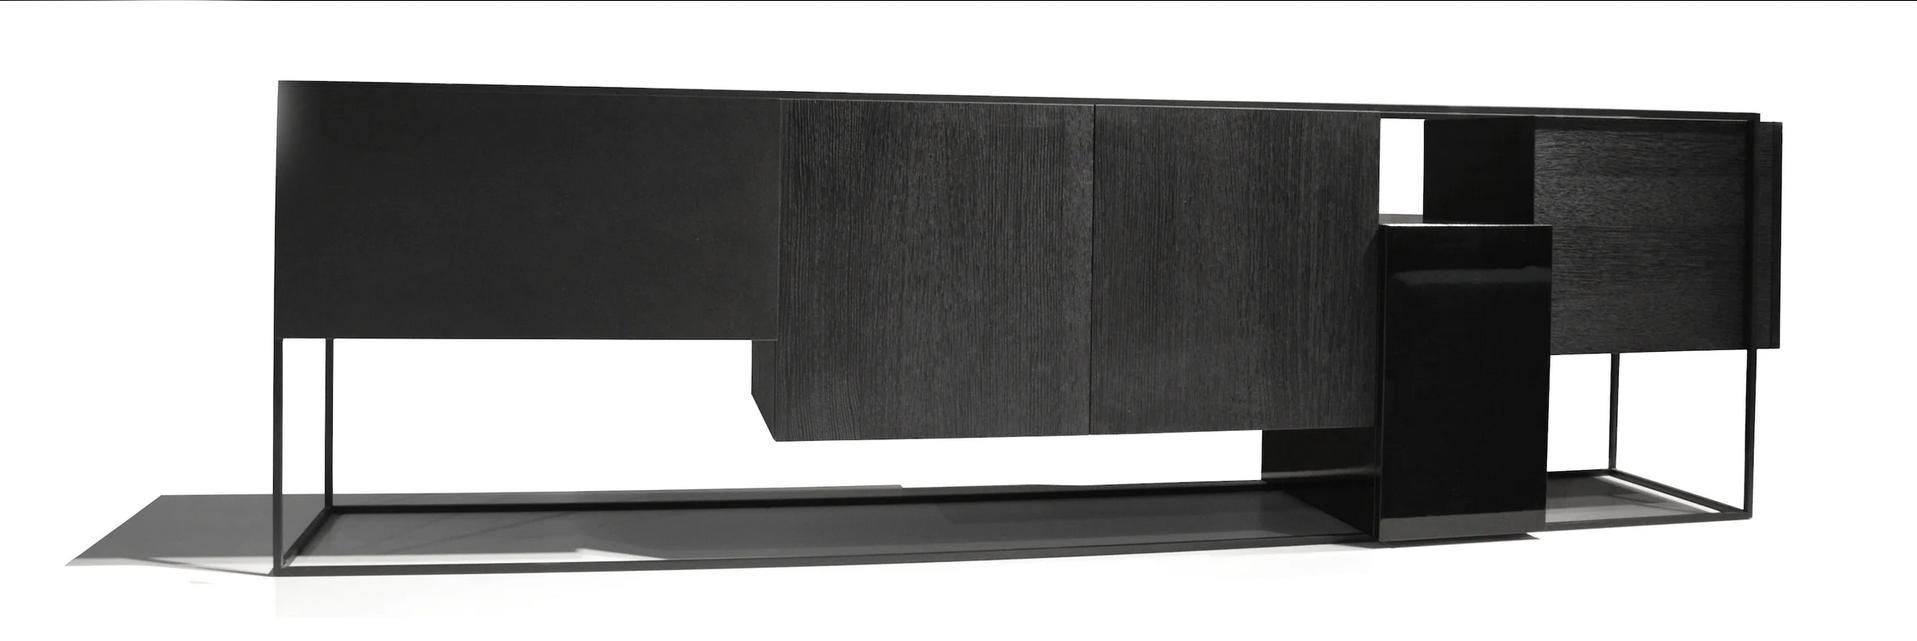 framed-design-opbergkast-black